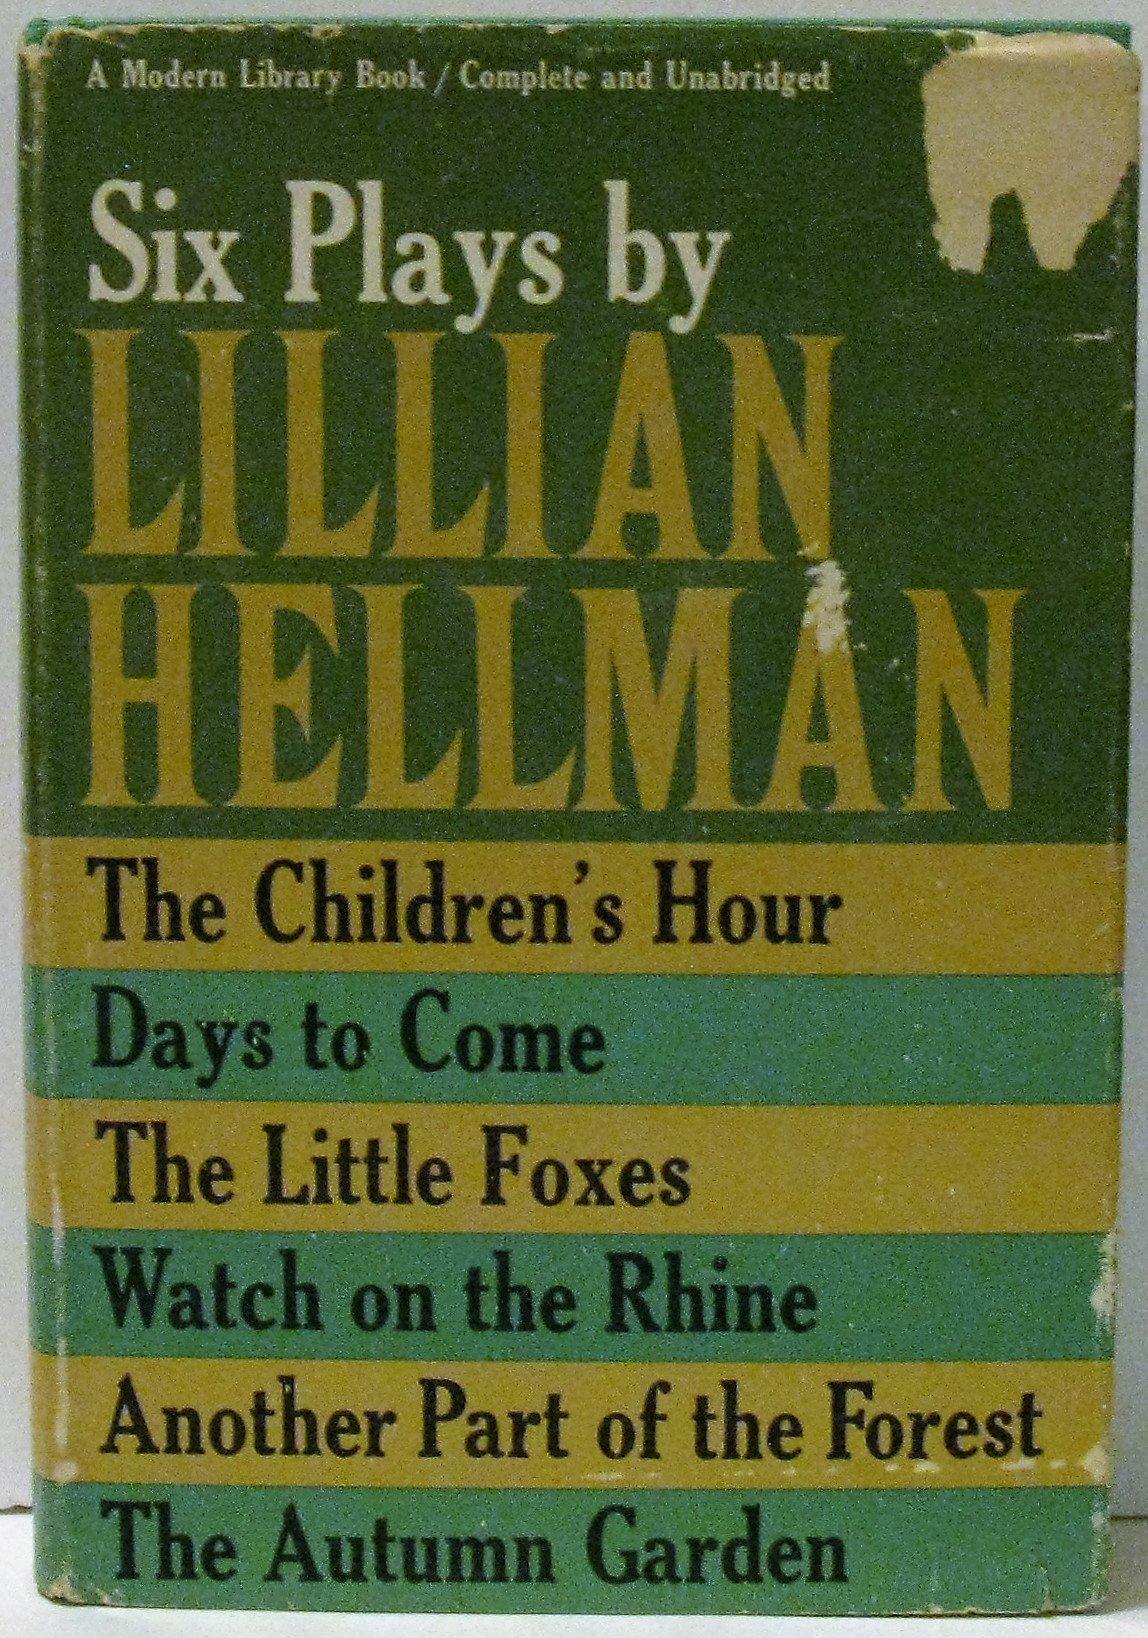 lillian hellman 02